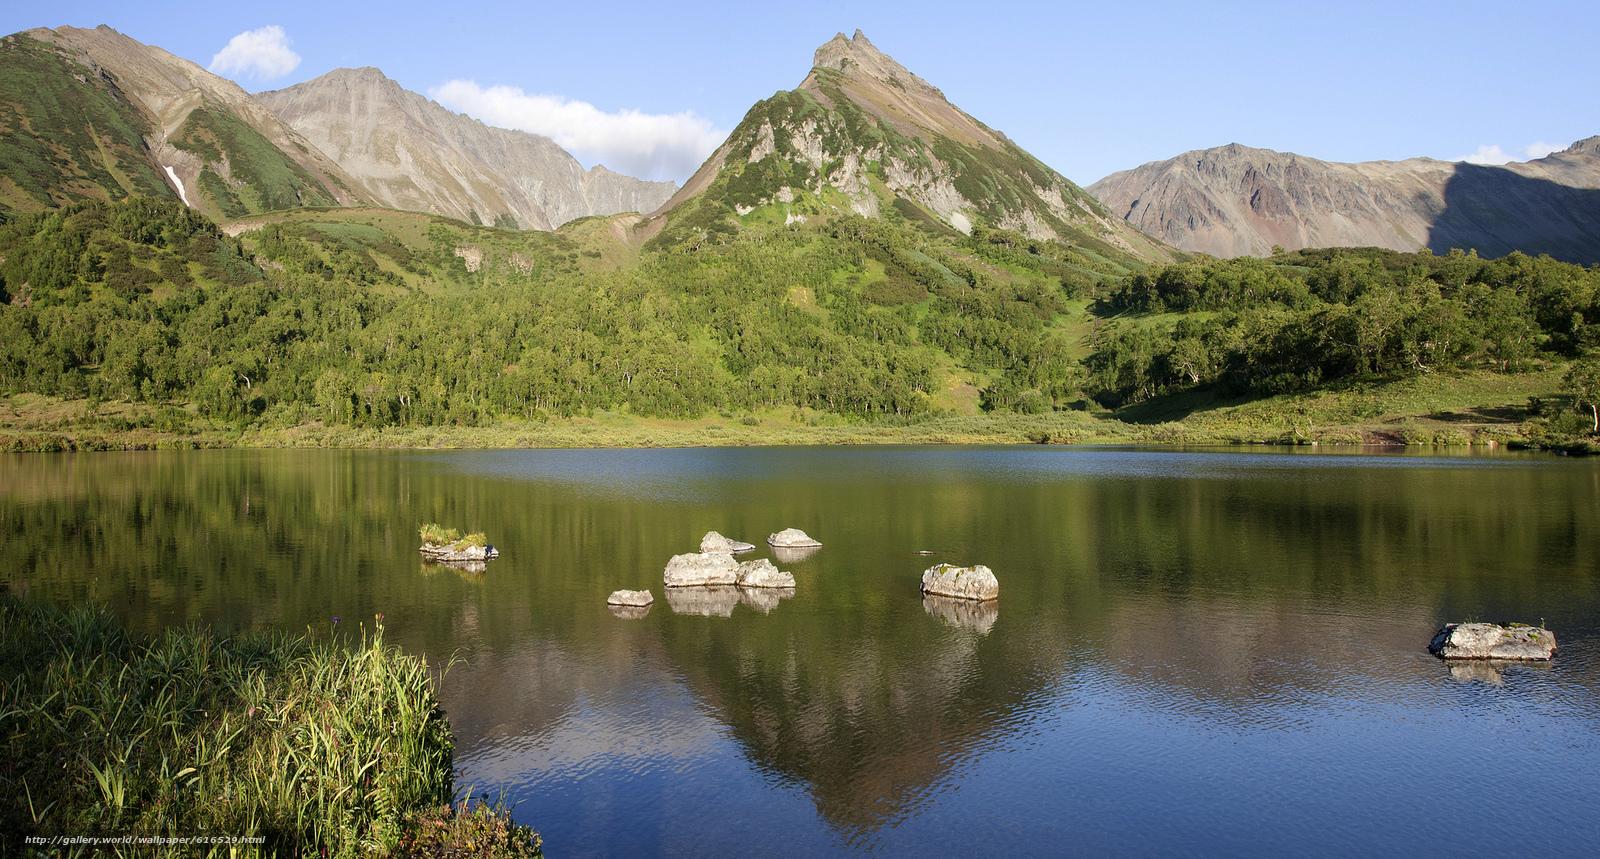 Скачать обои Природа,  горы,  вода,  лес бесплатно для рабочего стола в разрешении 2048x1099 — картинка №616529